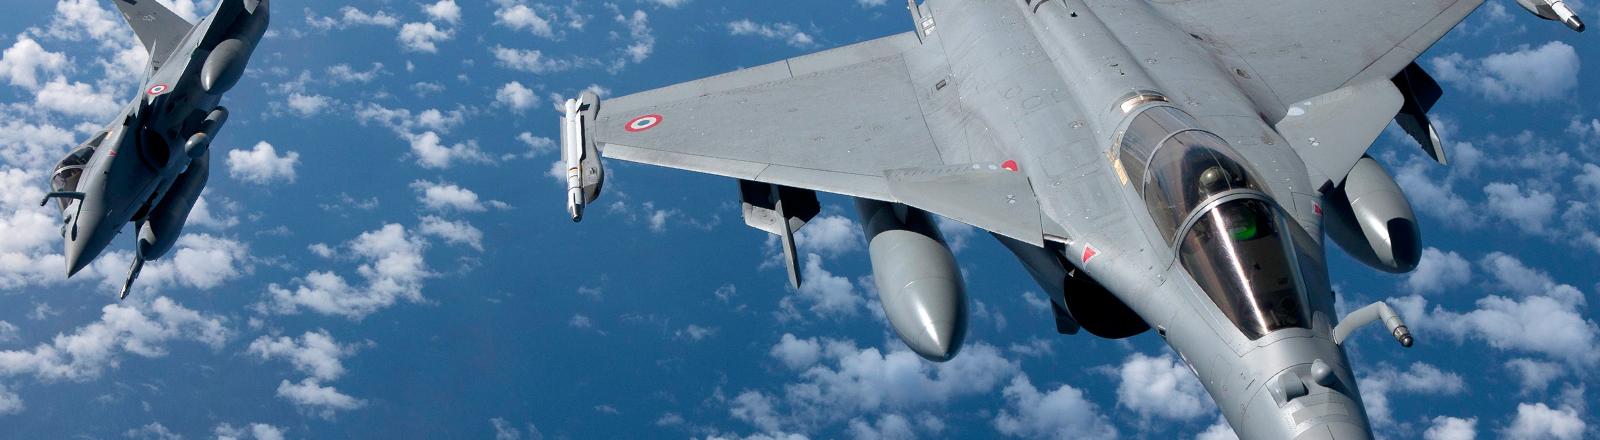 Zwei französische Rafale-Kampfflugzeuge in der Luft.